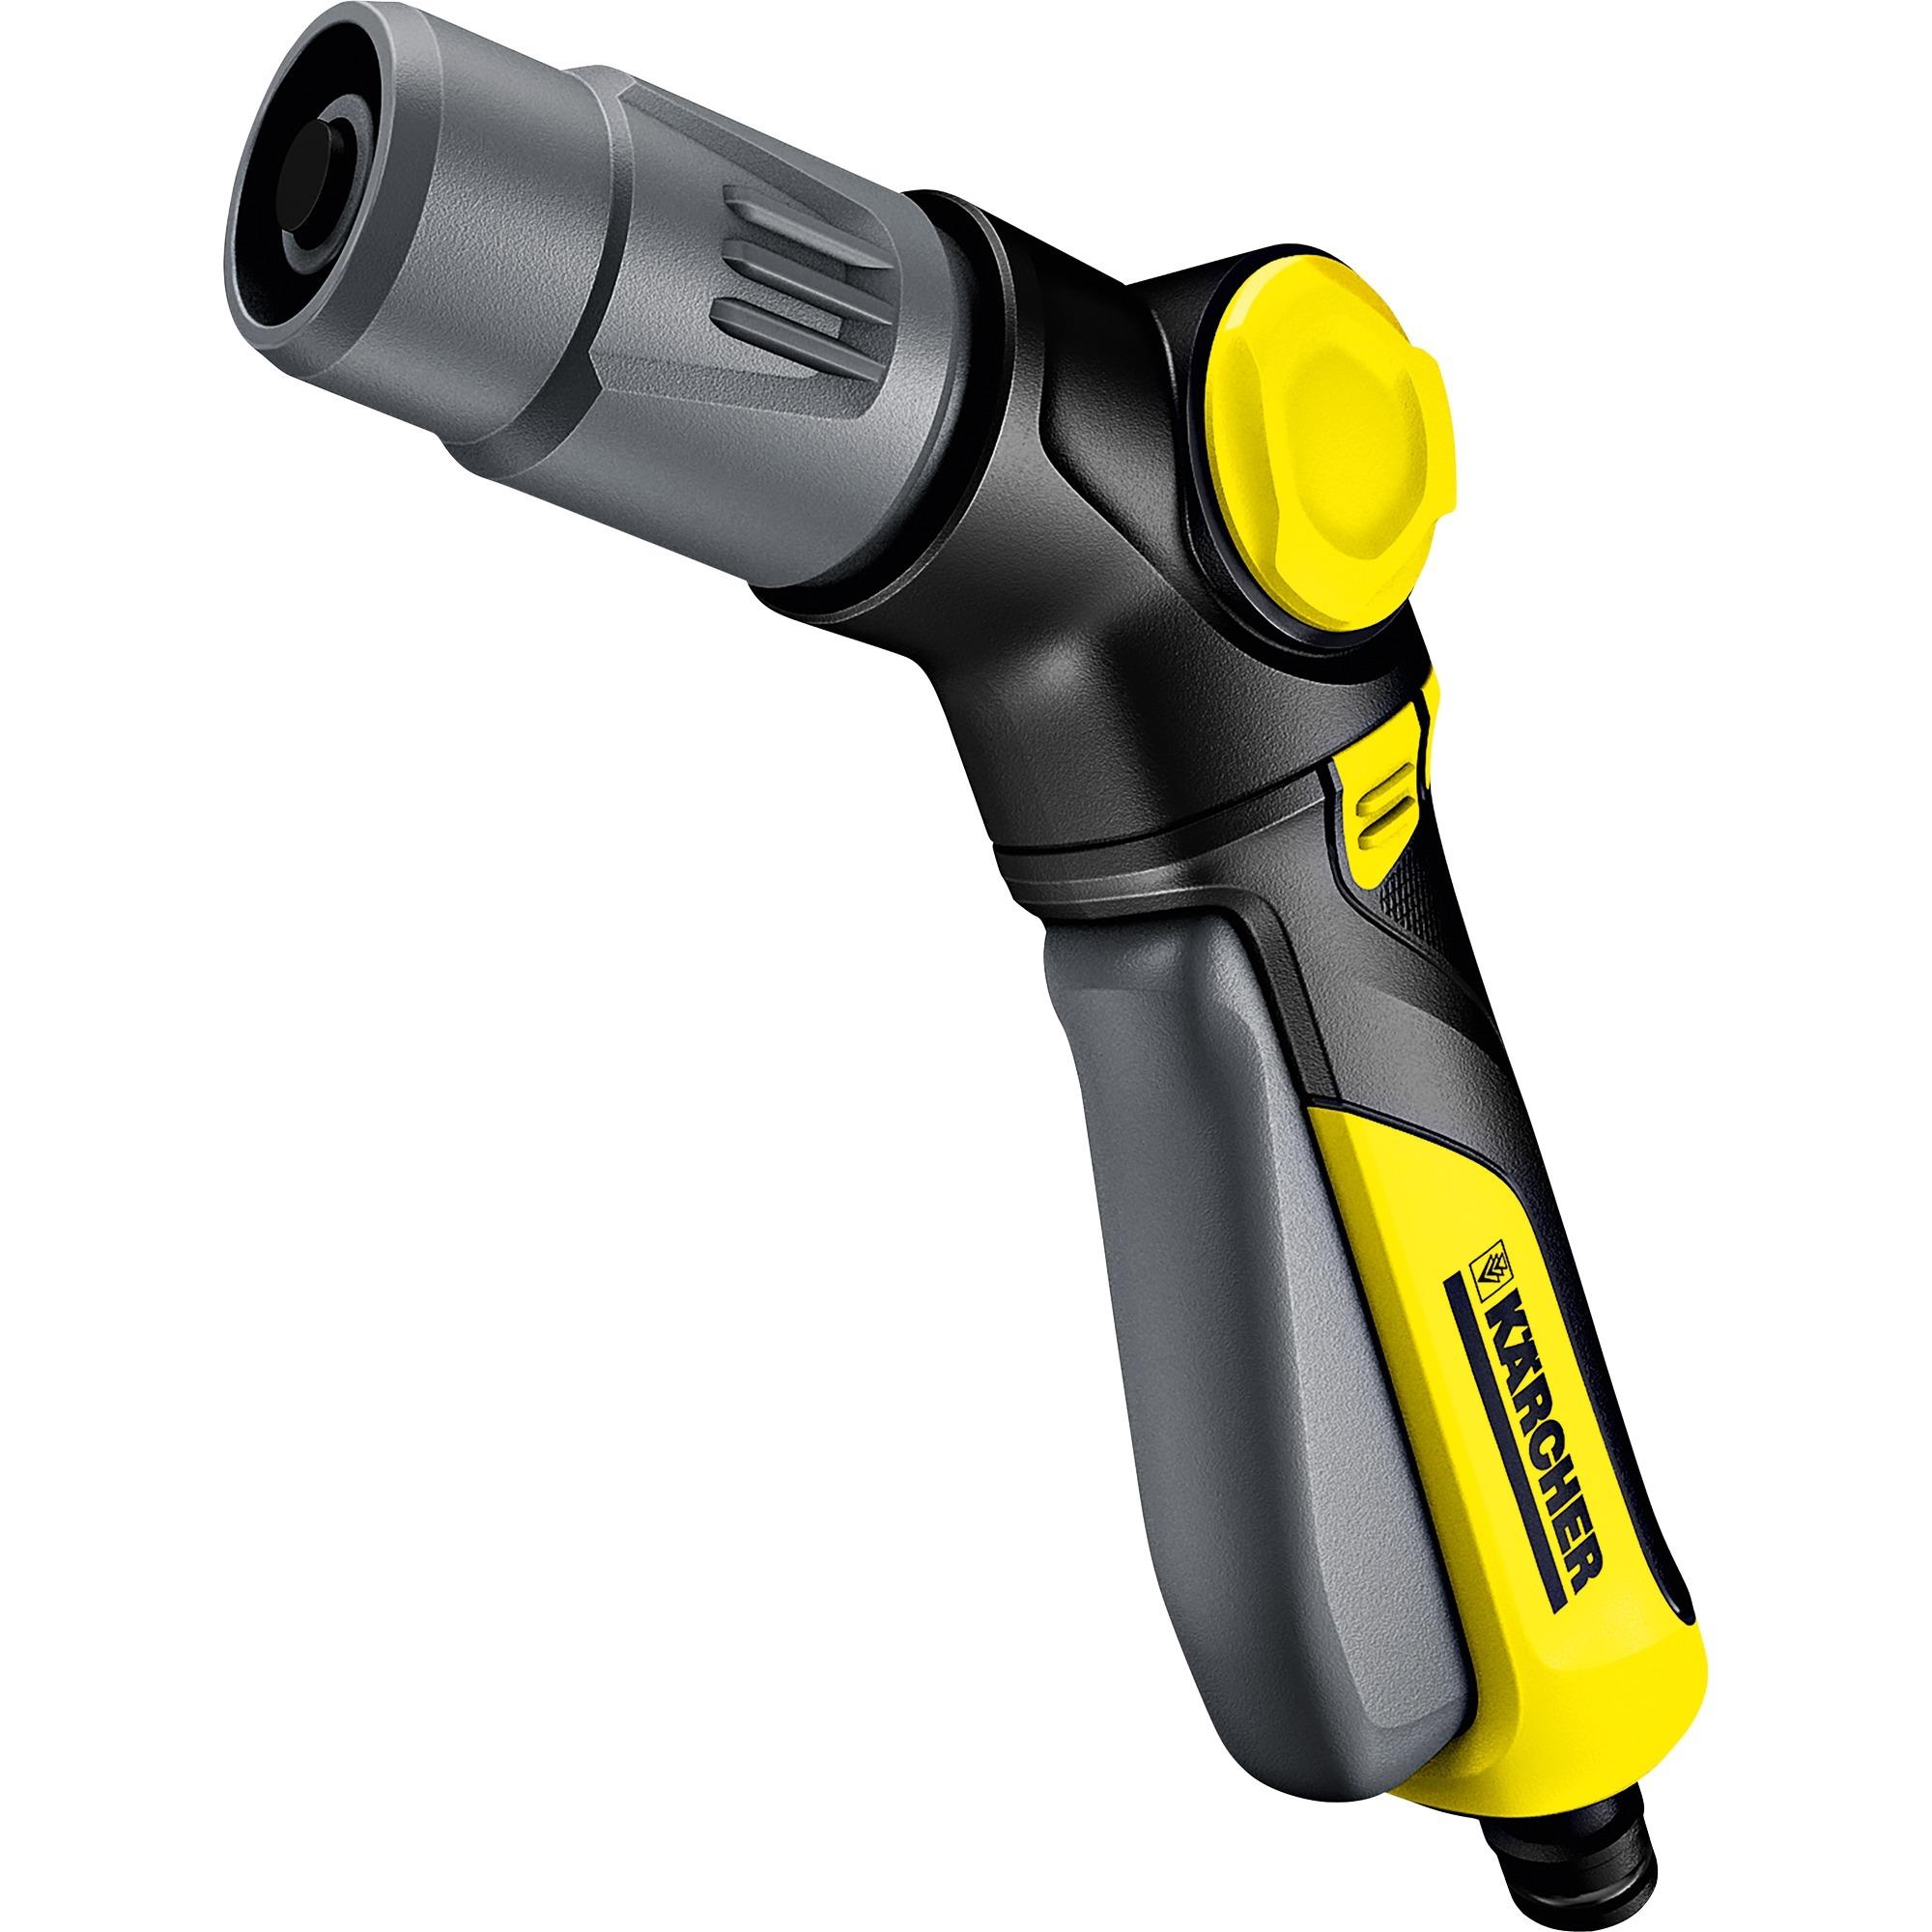 2.645-268.0 pistola de pulverización de agua o boquilla Pistola pulverizadora de agua para jardín Negro, Gris, Amarillo, Inyección